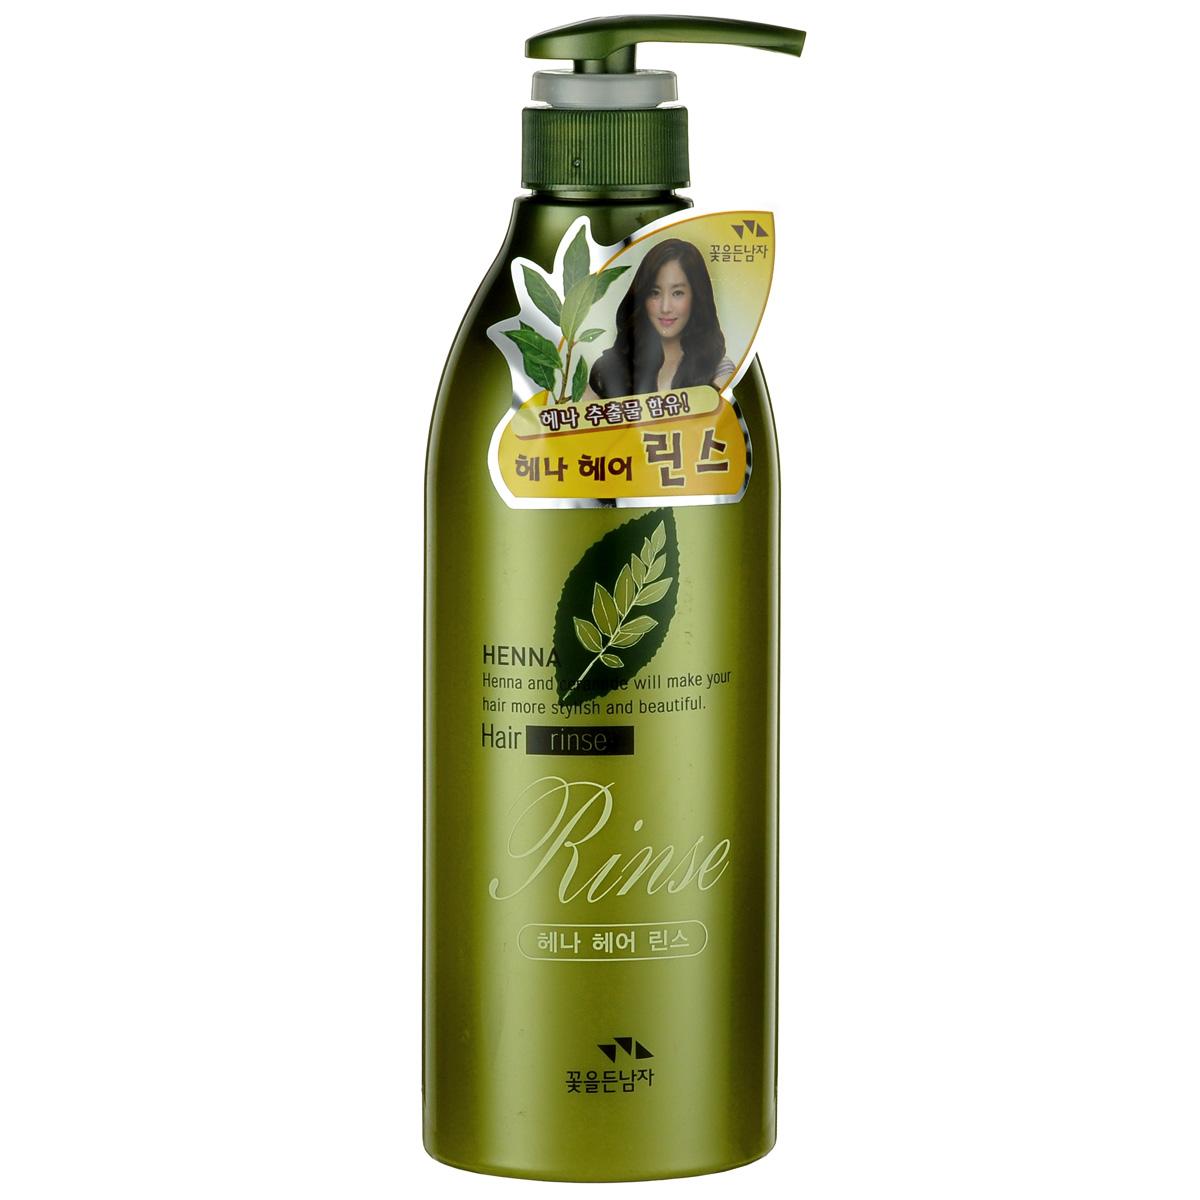 Somang Henna Кондиционер для волос, 720 млOT.86/15Придает волосам естественную мягкость, пышность и послушность. Содержит экстракт цветов Даурской Розы, керамид и глицерин. Для всех типов волос. Подходит для ежедневного использования. Хна (Henna) используется в медицине и косметологии на протяжении тысяч лет. Под воздействием содержащихся в хне веществ, сжимается и уплотняется кутикула. Бесцветная хна лечит перхоть, укрепляет корни волос, препятствуя их выпадению, и отлично кондиционирует волосы, придавая им густоту и блеск.